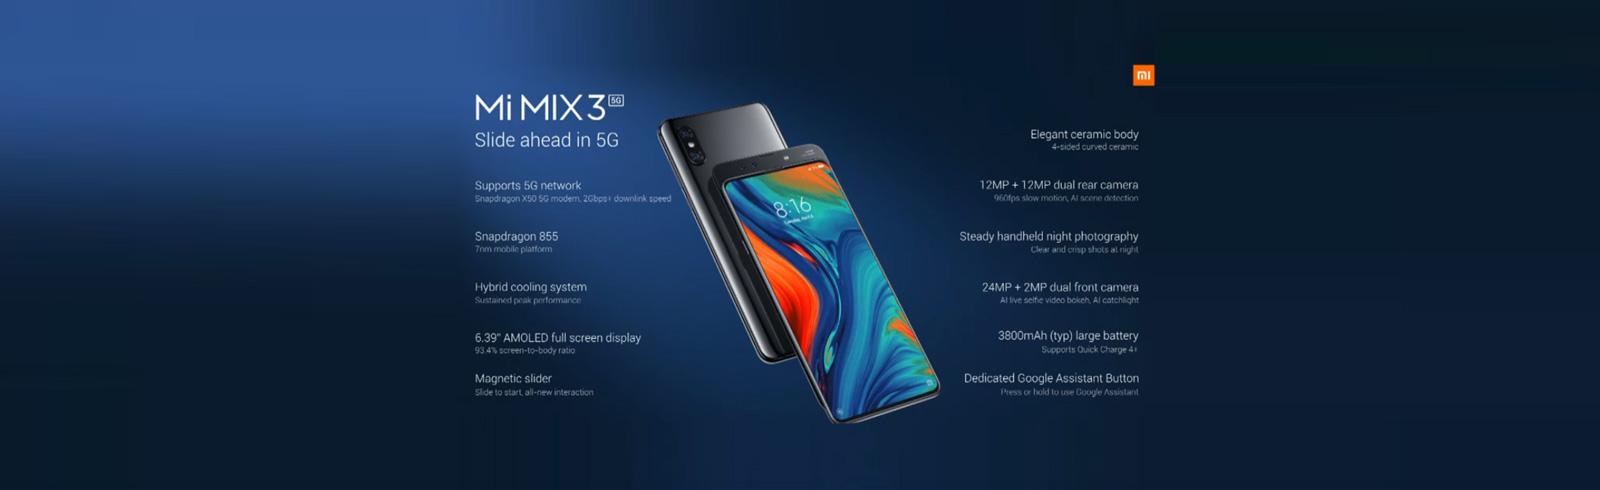 Xiaomi announced the Mi MIX 3 5G, will cost $679